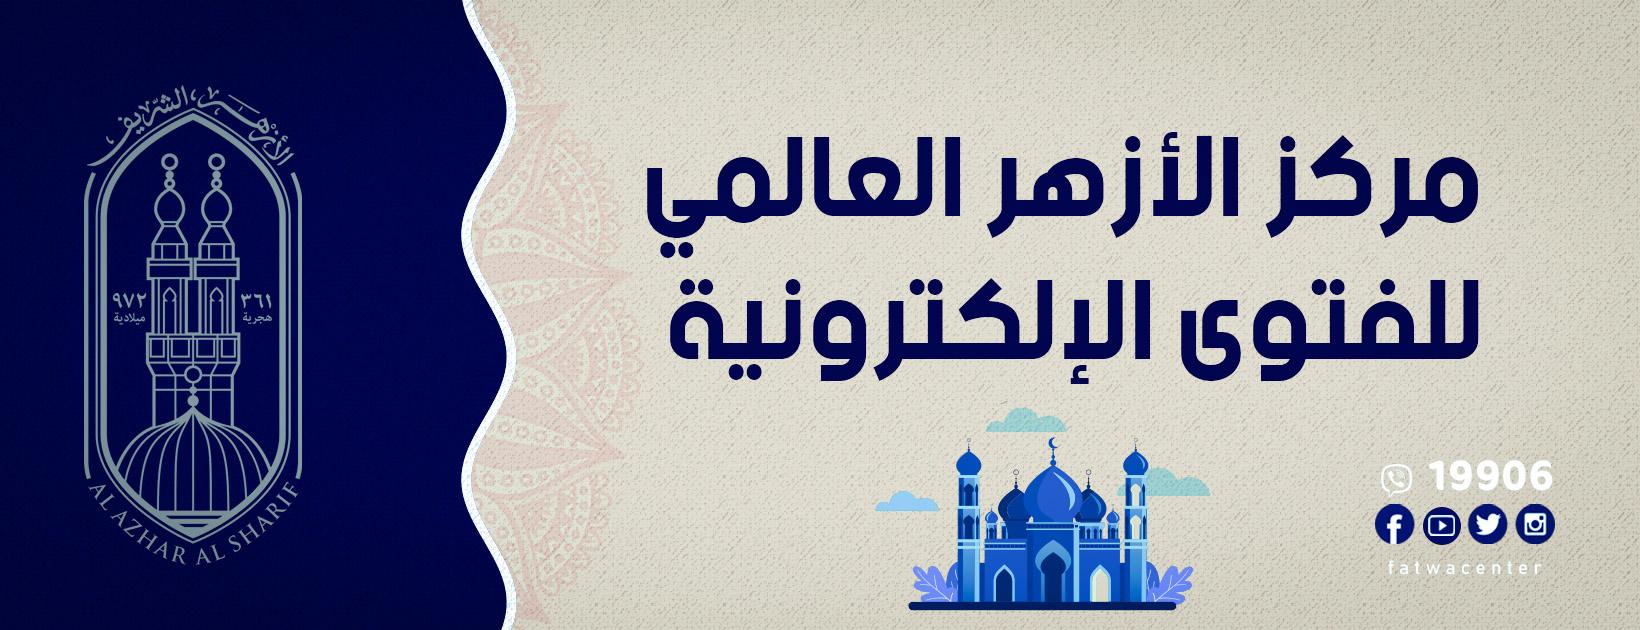 حكم صيام يوم أو يومين قبل شهر رمضان بوابة الأهرام